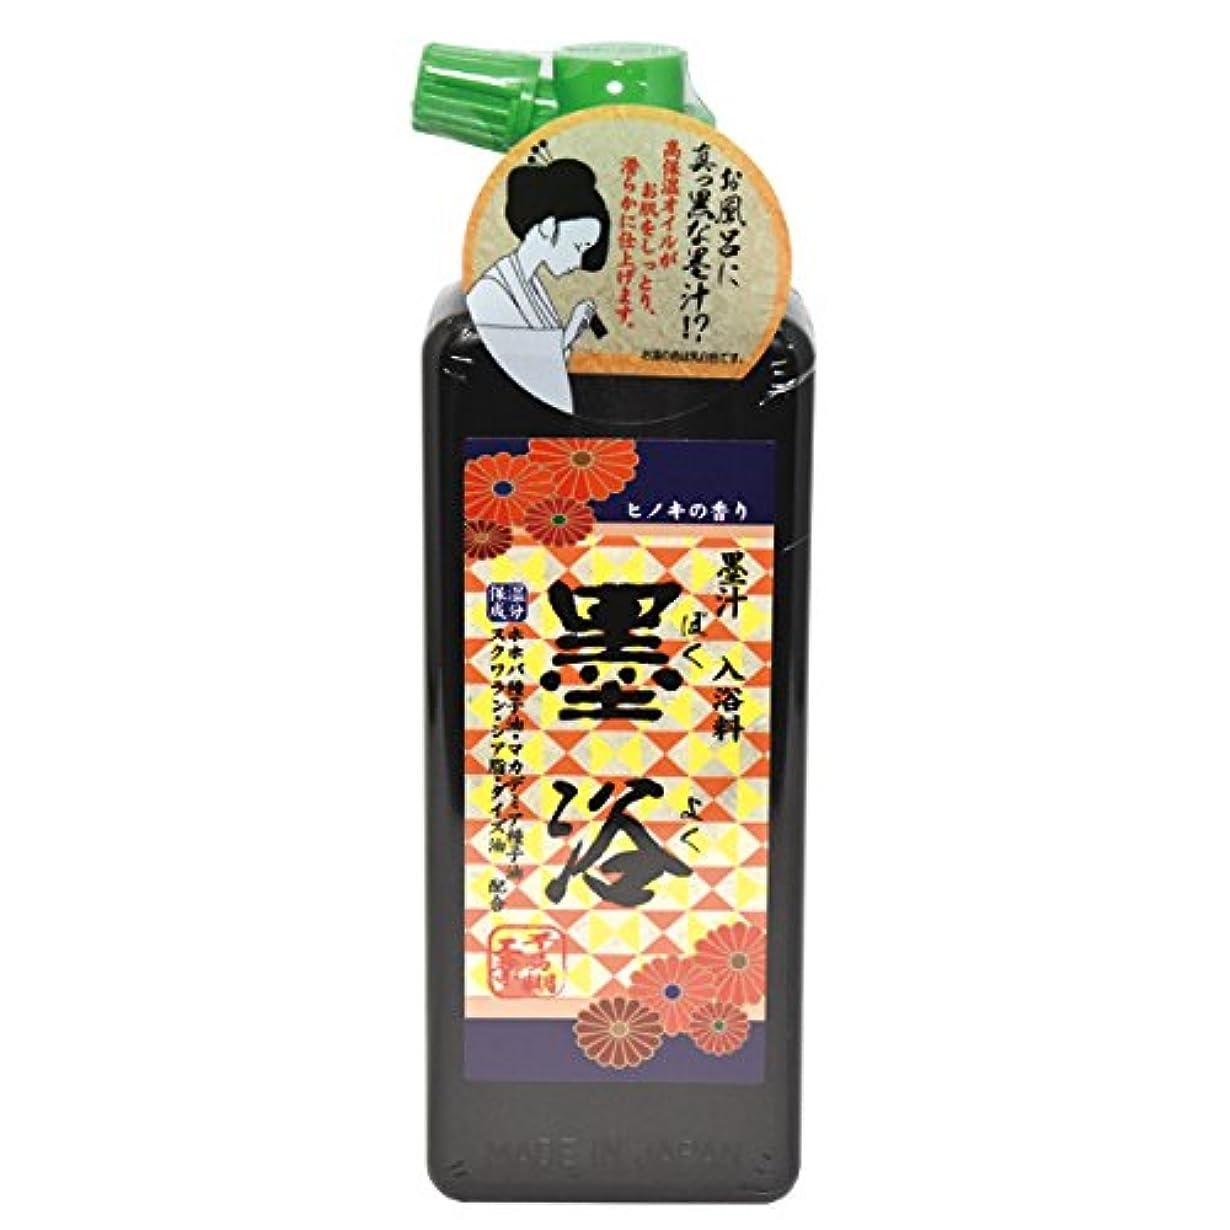 してはいけないセレナ質素な墨浴 ぼくよく 入浴料 ヒノキの香り 不易糊工業 BY20